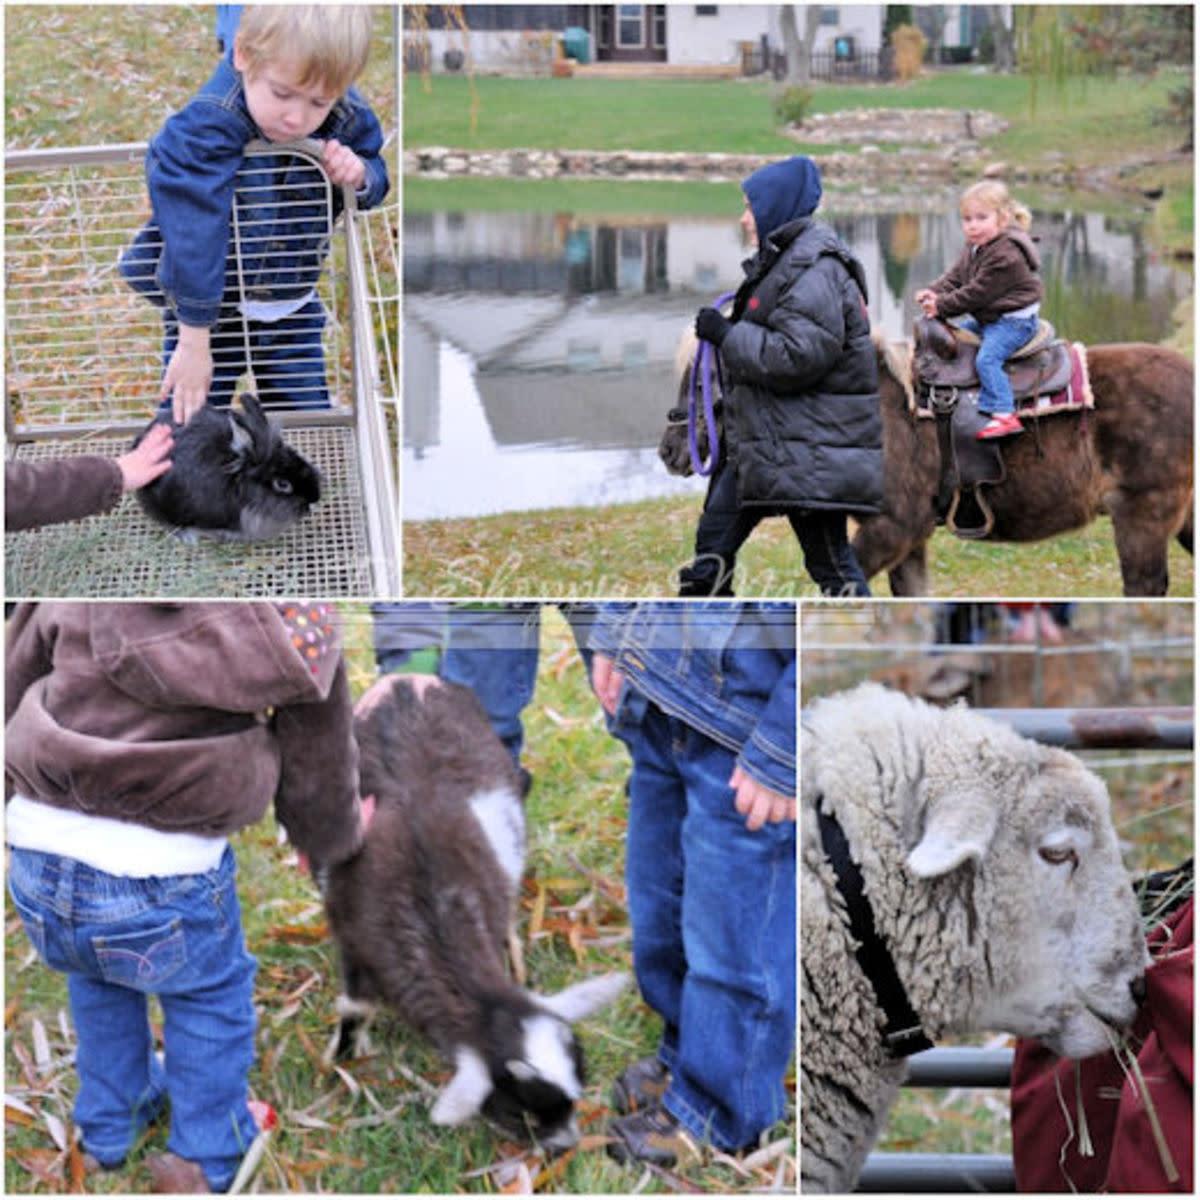 pony-rides-at-farm-party